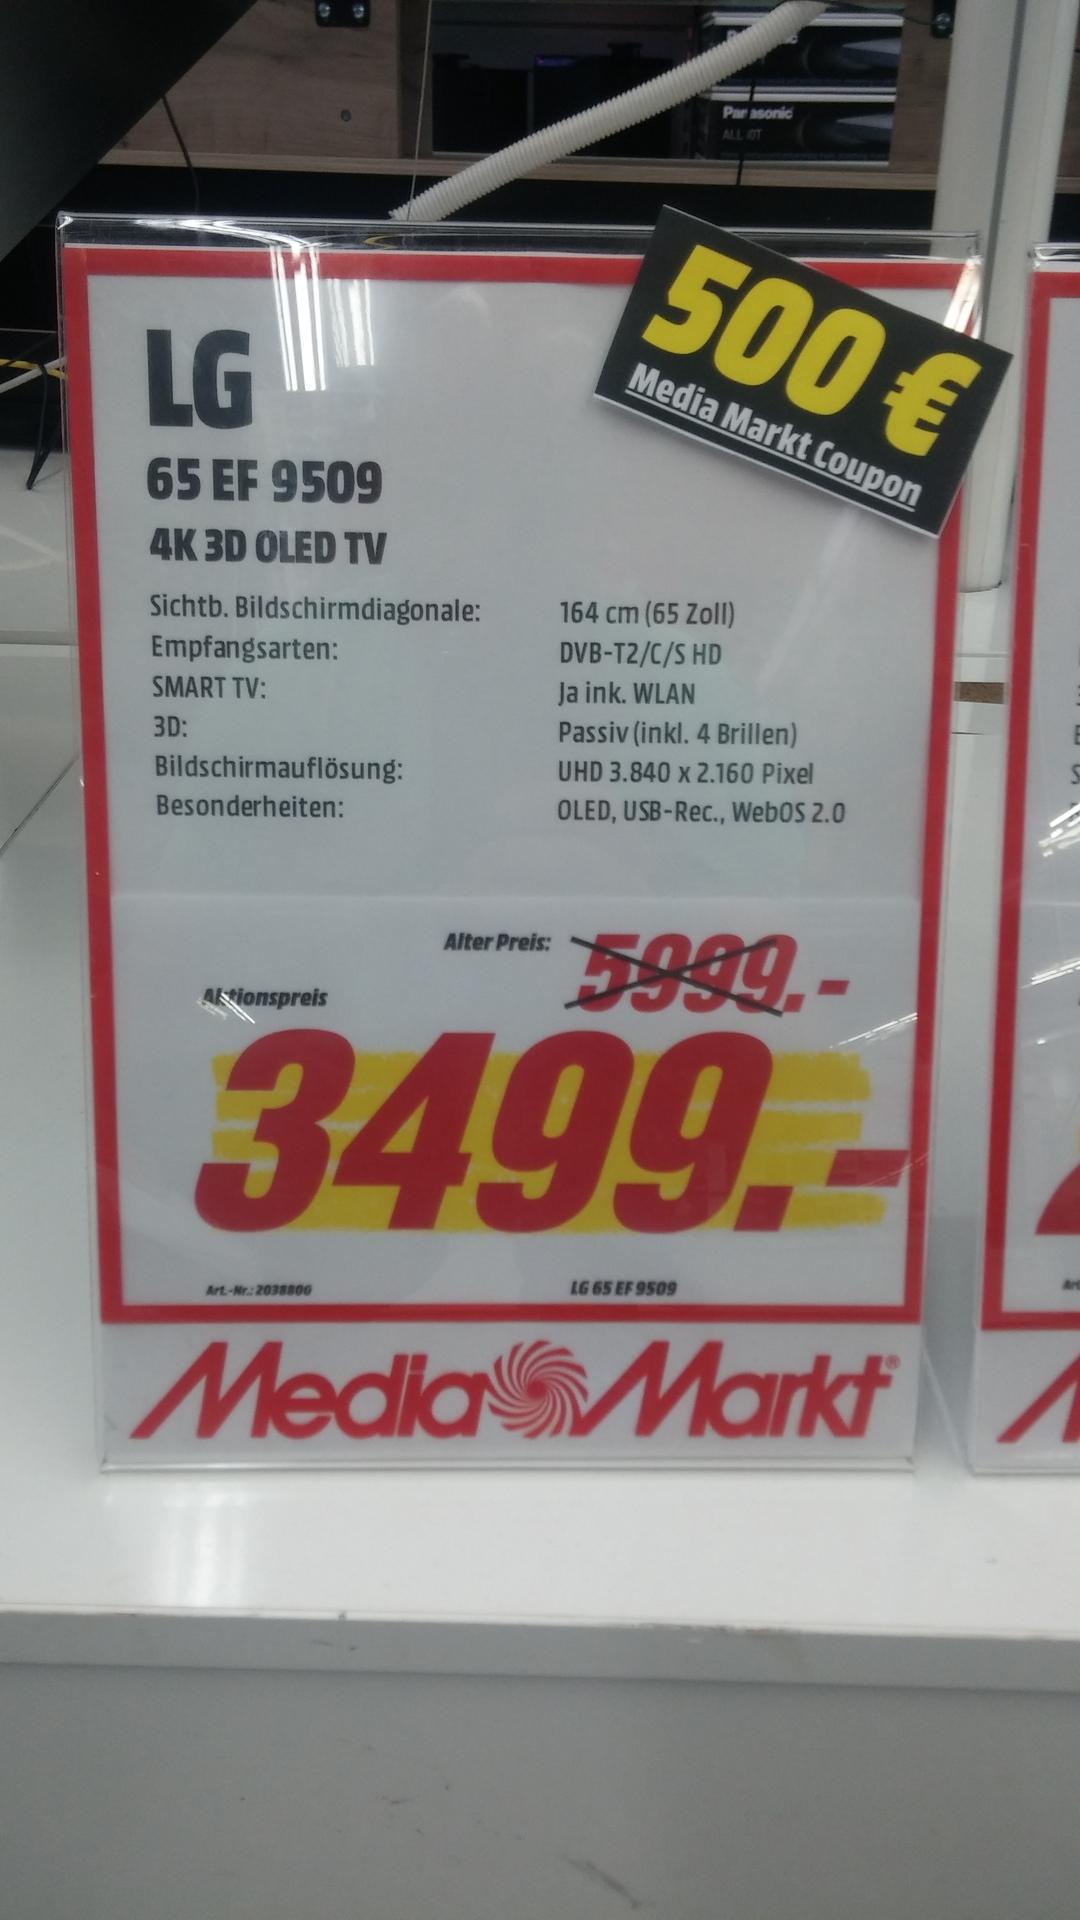 Media markt k ln kalk 65ef9509 65ef9509 k ln markt for Media markt koln marsdorf